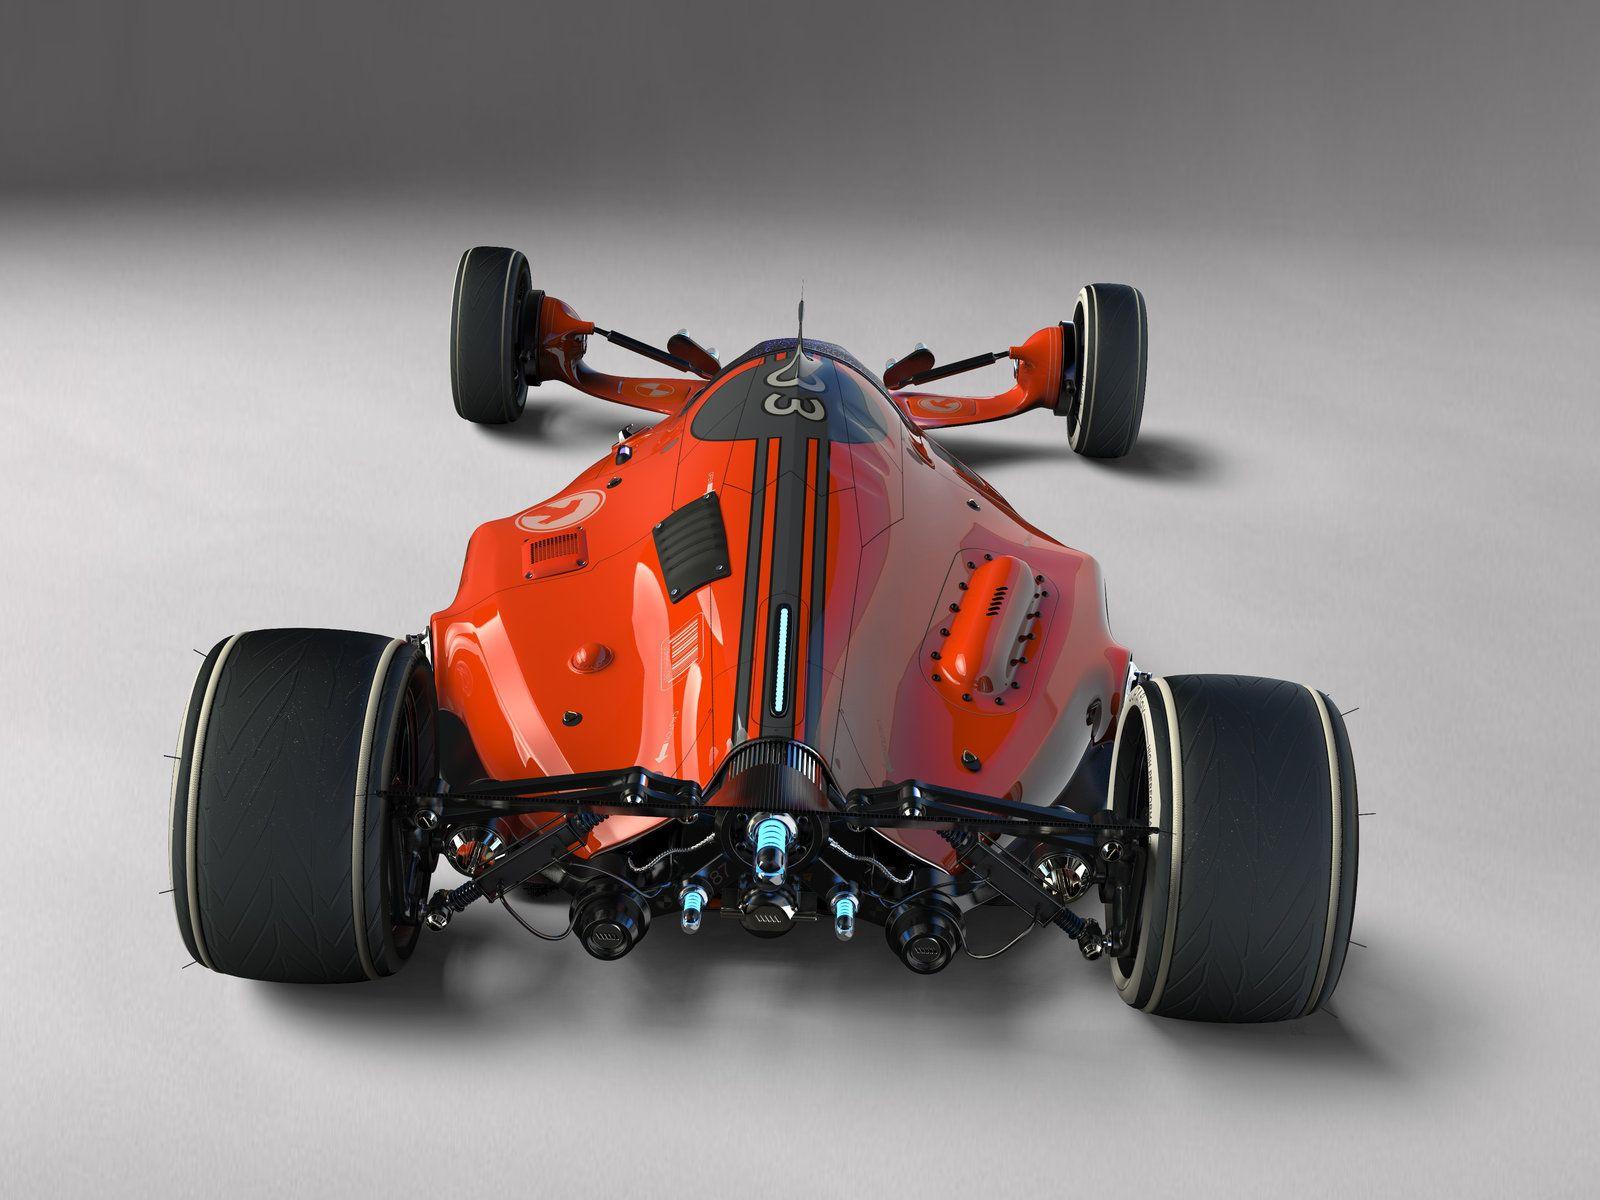 Hammerhead Race car, Igor Sobolevsky